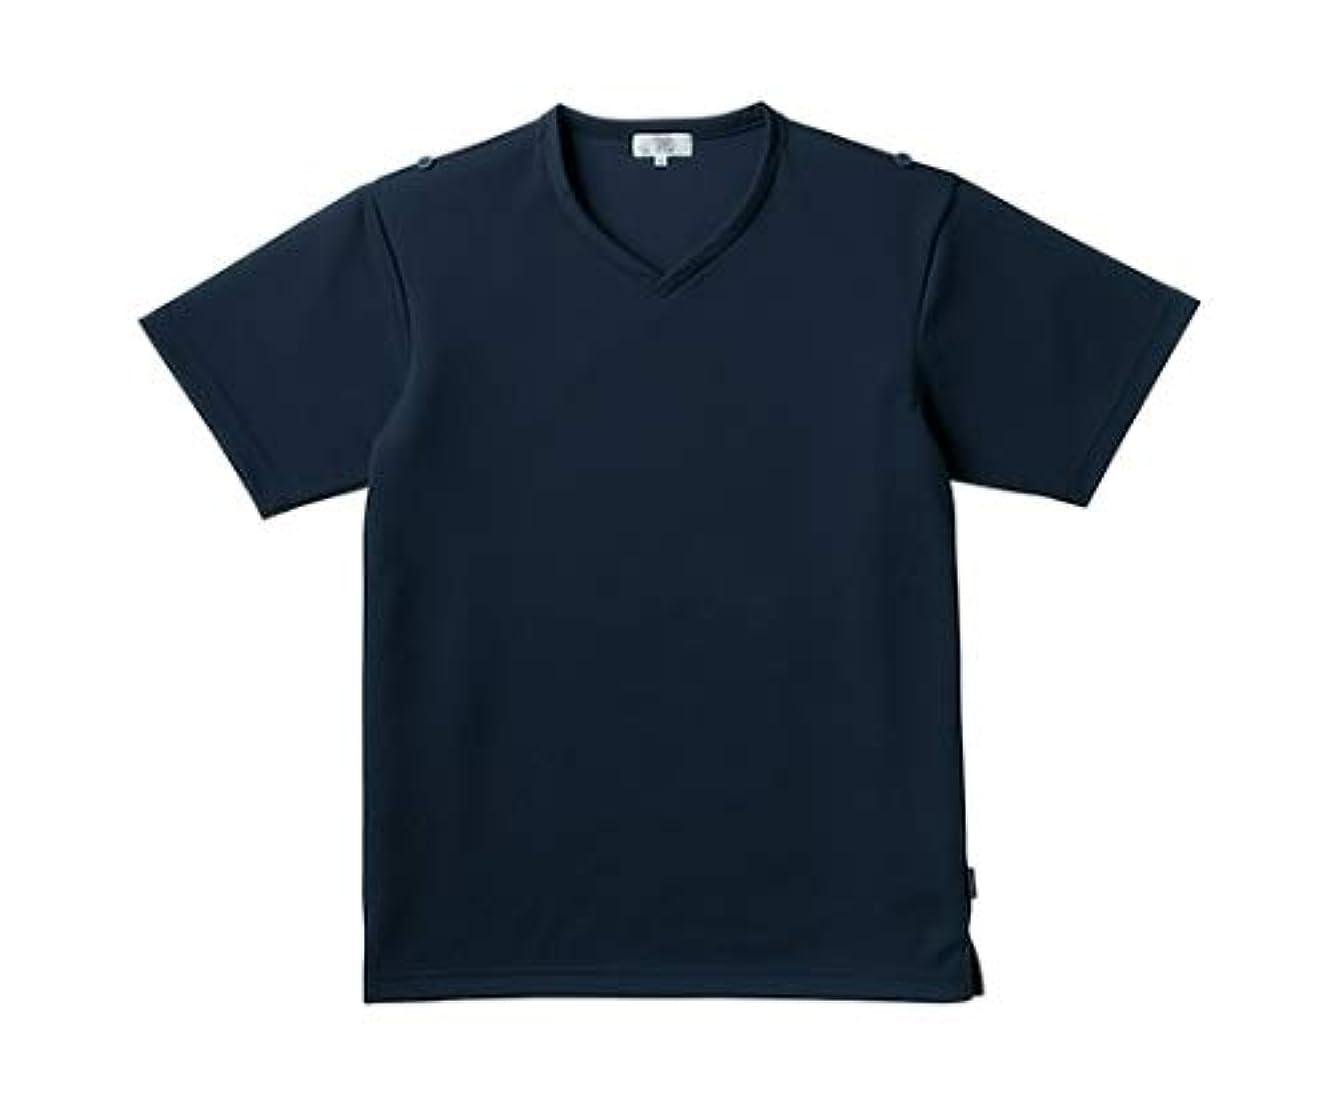 暖かく想像するドラッグトンボ/KIRAKU 入浴介助用シャツ CR160 M ネイビー